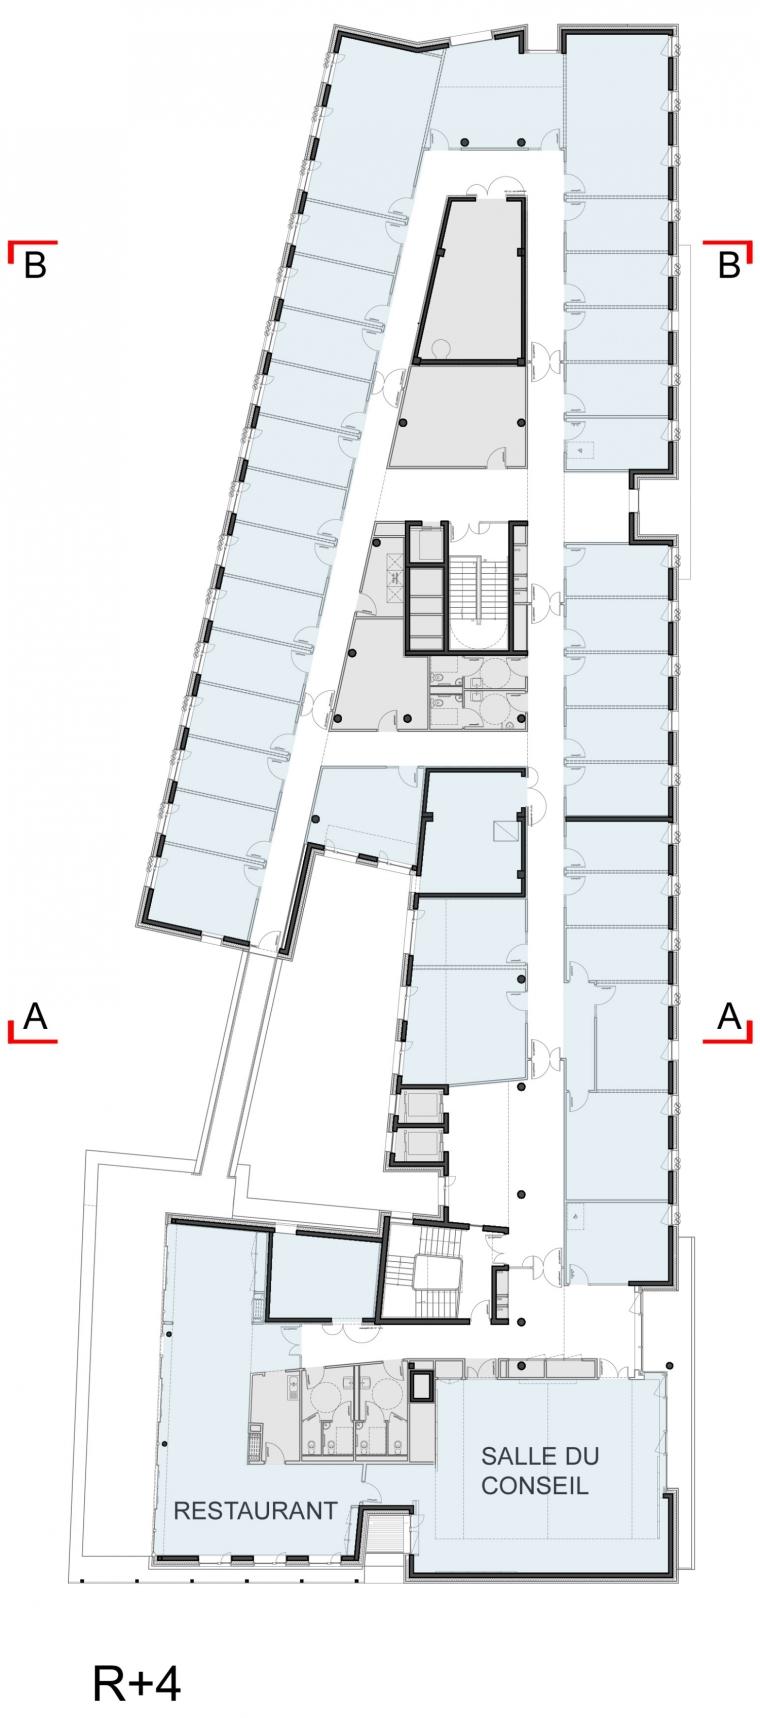 法国 Archipel Habitat总部办公楼-法国 Archipel Habitat总部办公楼第25张图片